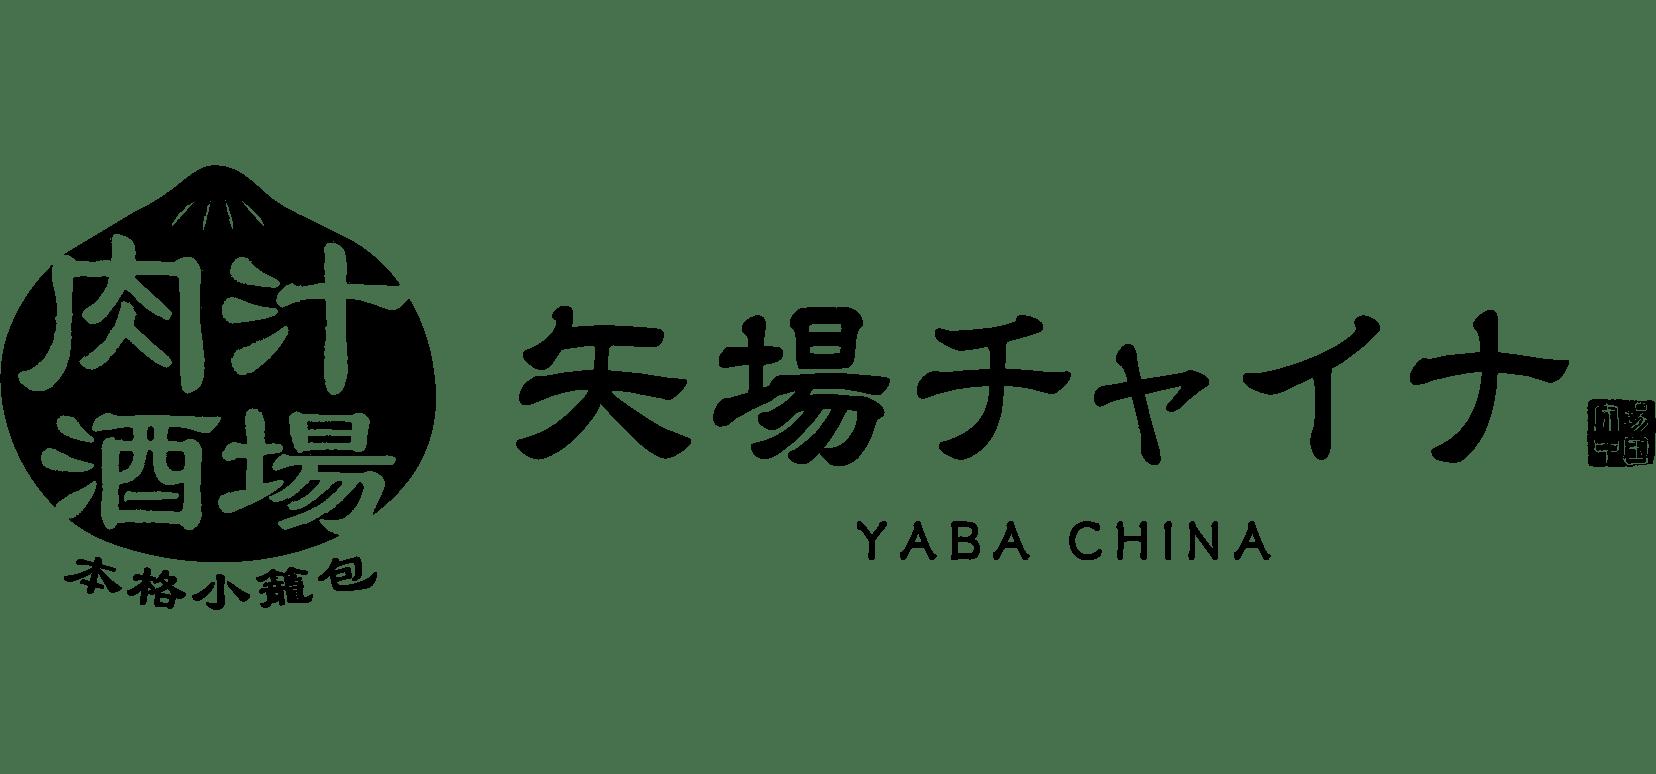 ヤバチャイナ